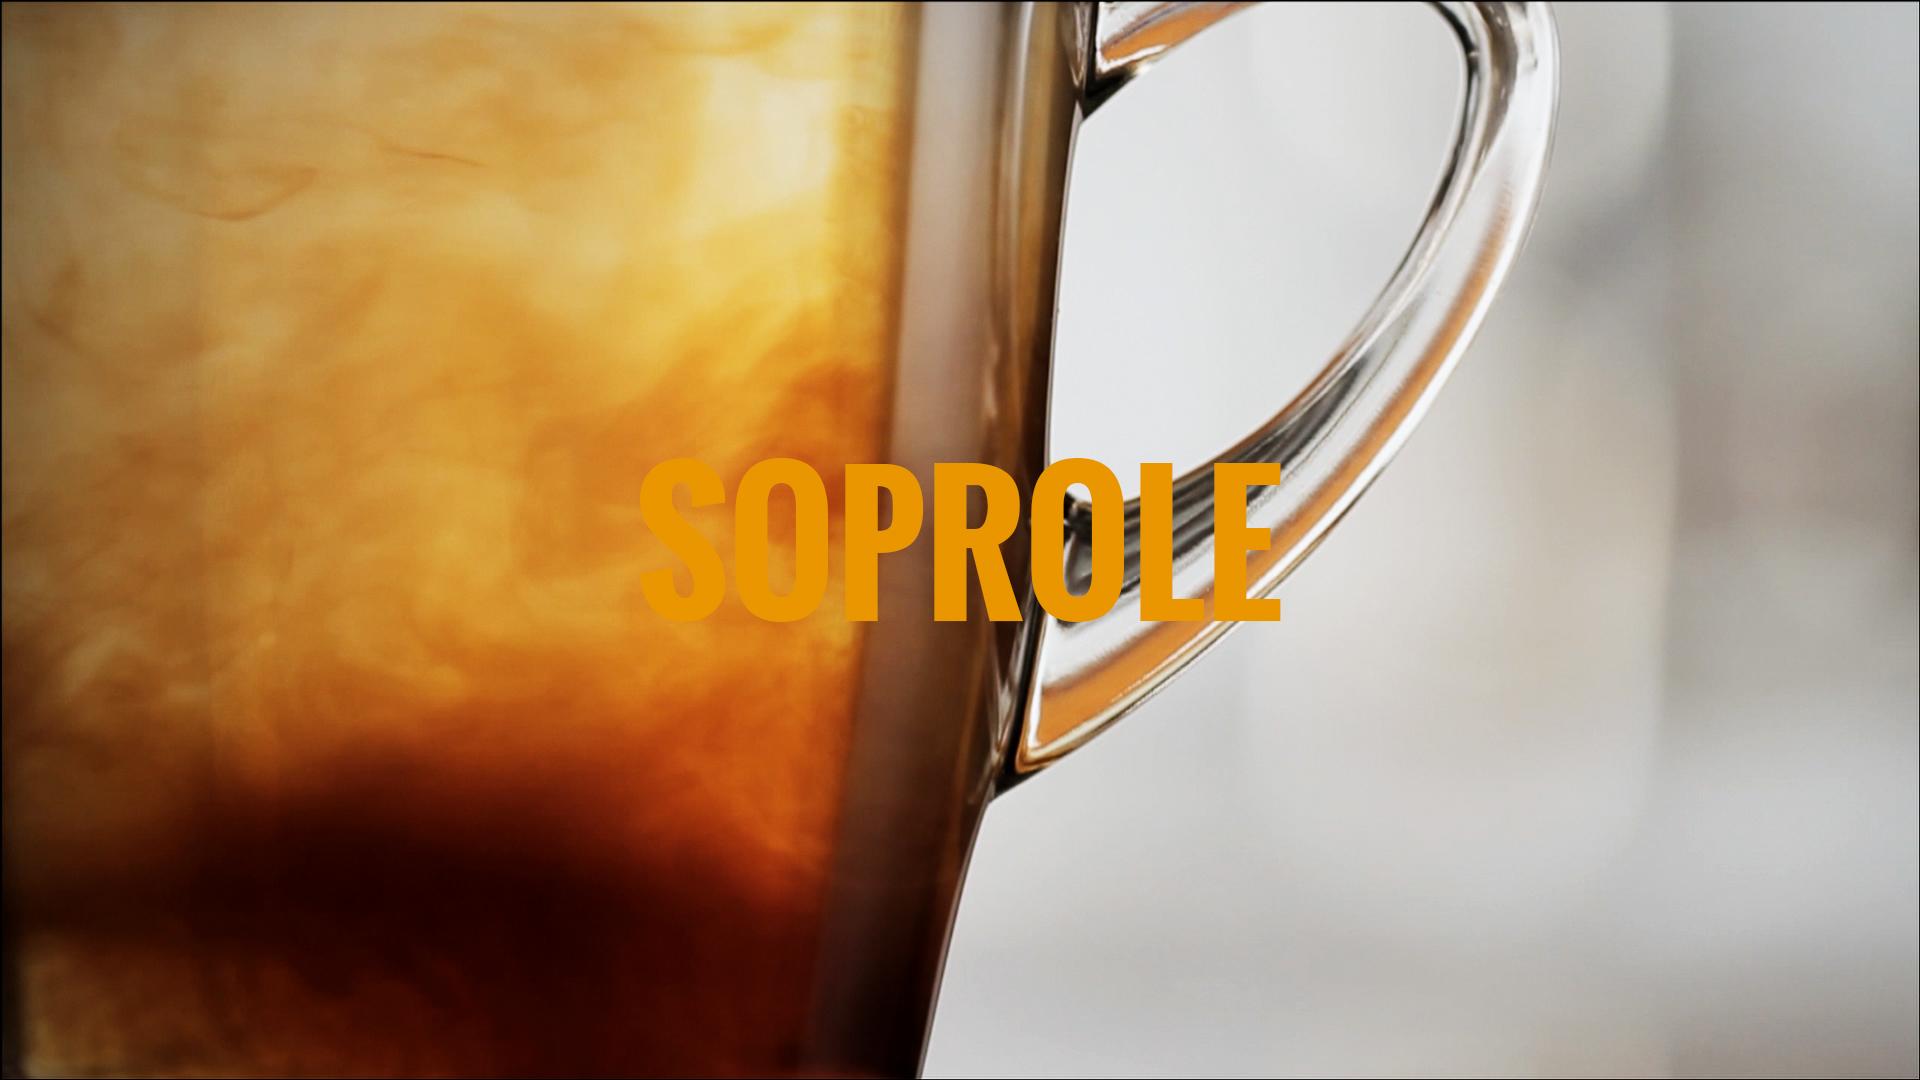 SOPROLE